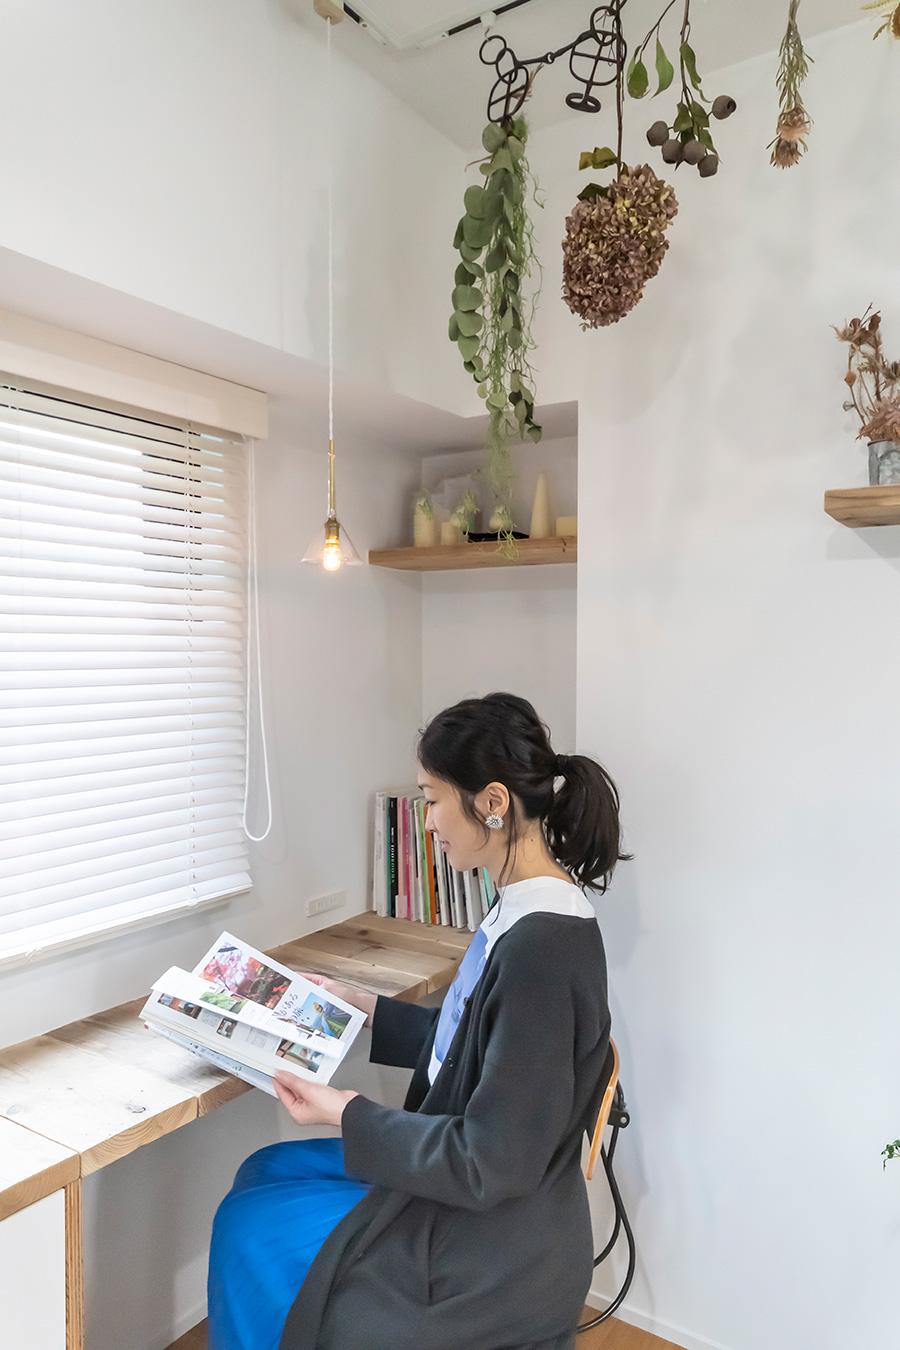 インテリアコーディネーターの志水陽子さん。暮らしを大切に考えたインテリアデザインを提案。